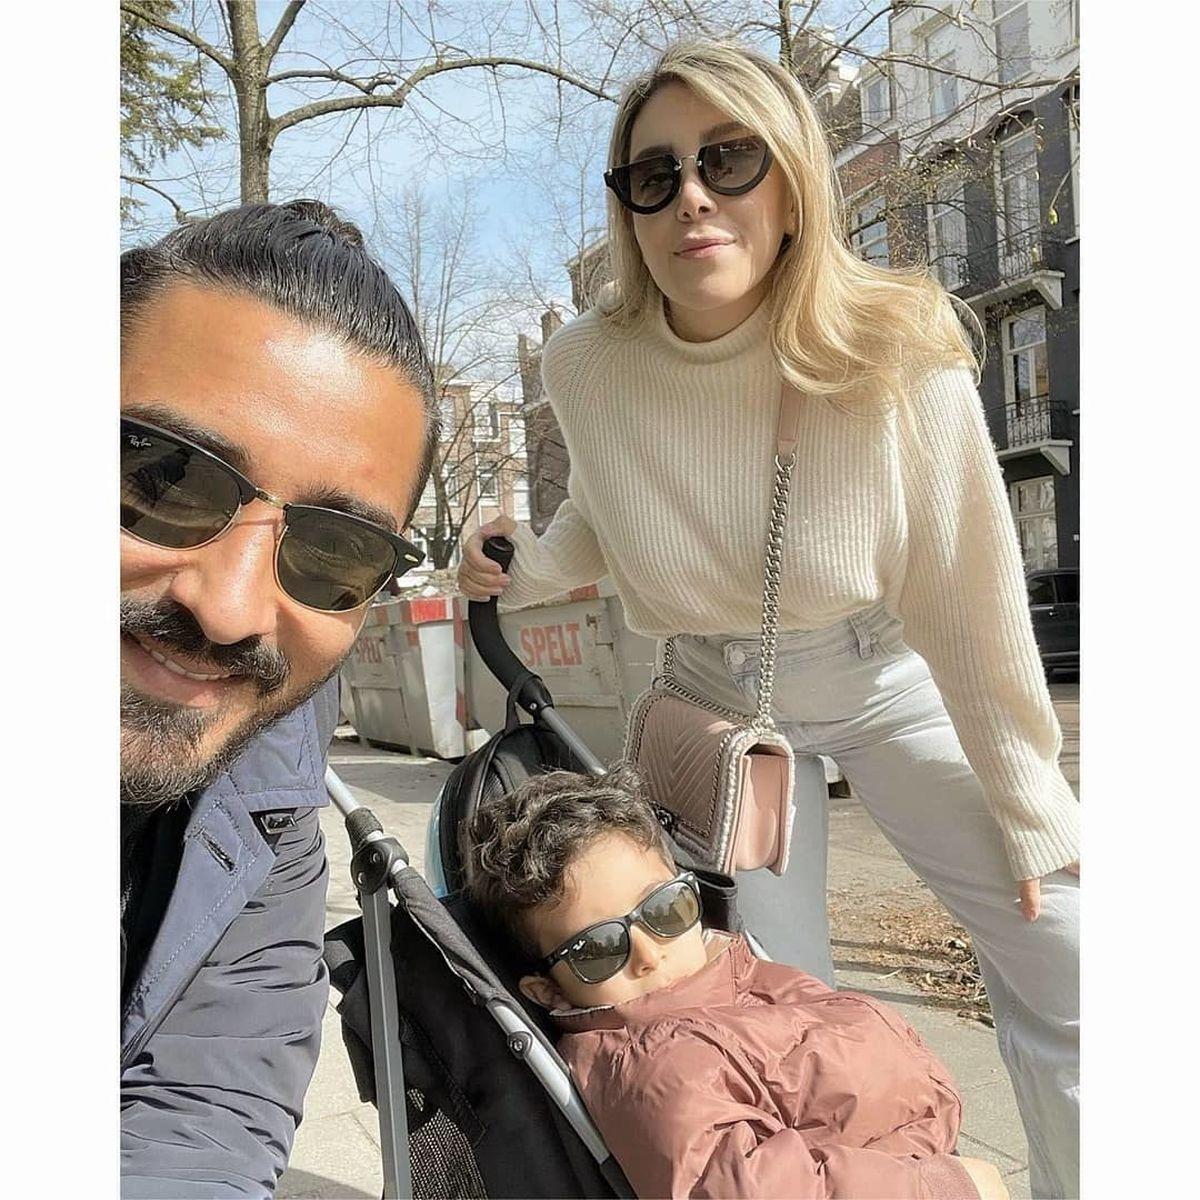 لباس های عجیبِ رضا قوچان نژاد و همسرش+عکس